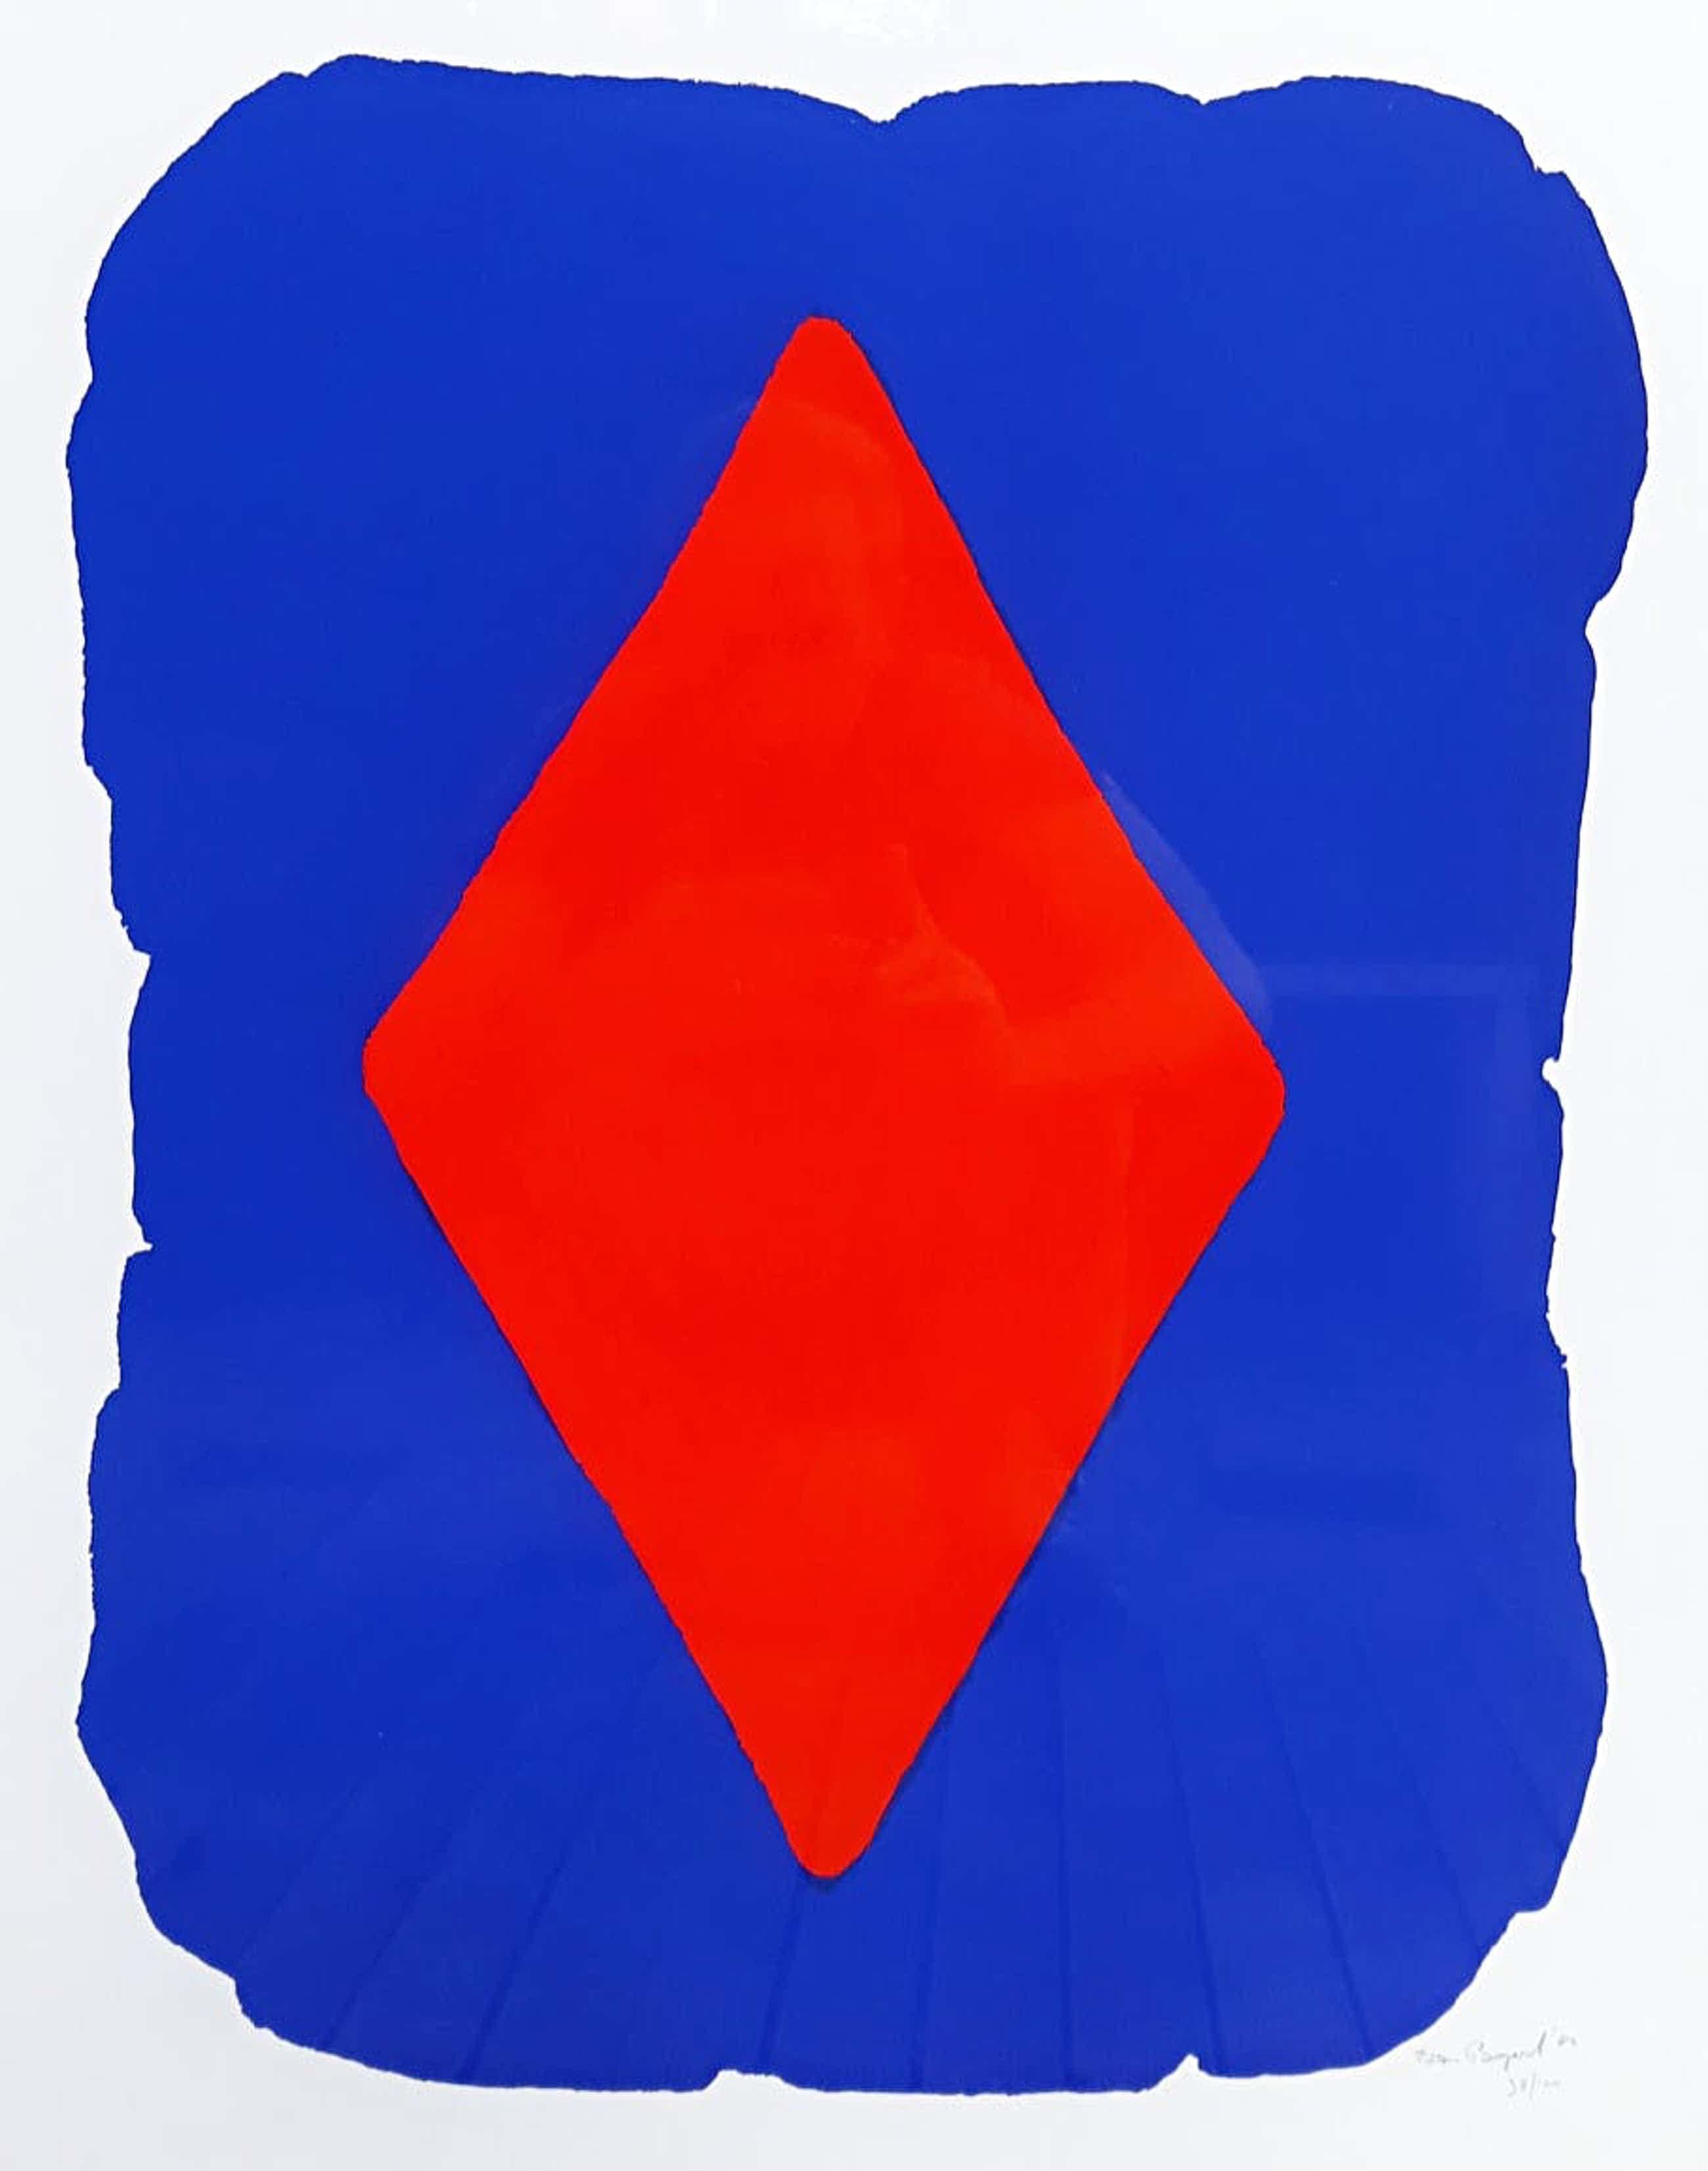 Bram Bogart - Geometrisch abstracte compositie, zeefdruk (prachtig ingelijst, groot) kopen? Bied vanaf 370!